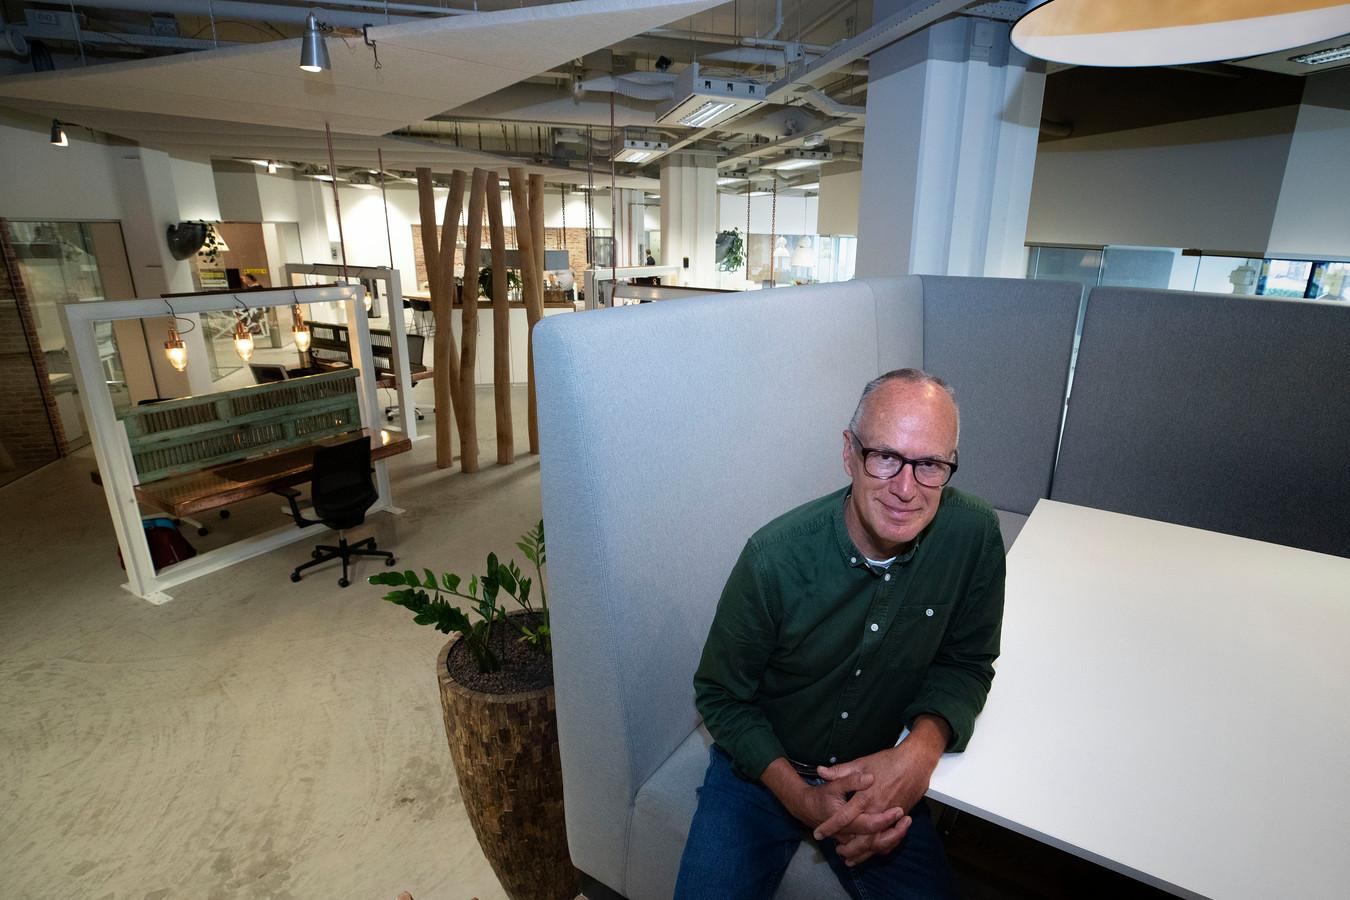 Bart Moret van Stichting ANDERS in het nieuwe onderkomen in het Videolab aan de Torenallee op Strijp-S.